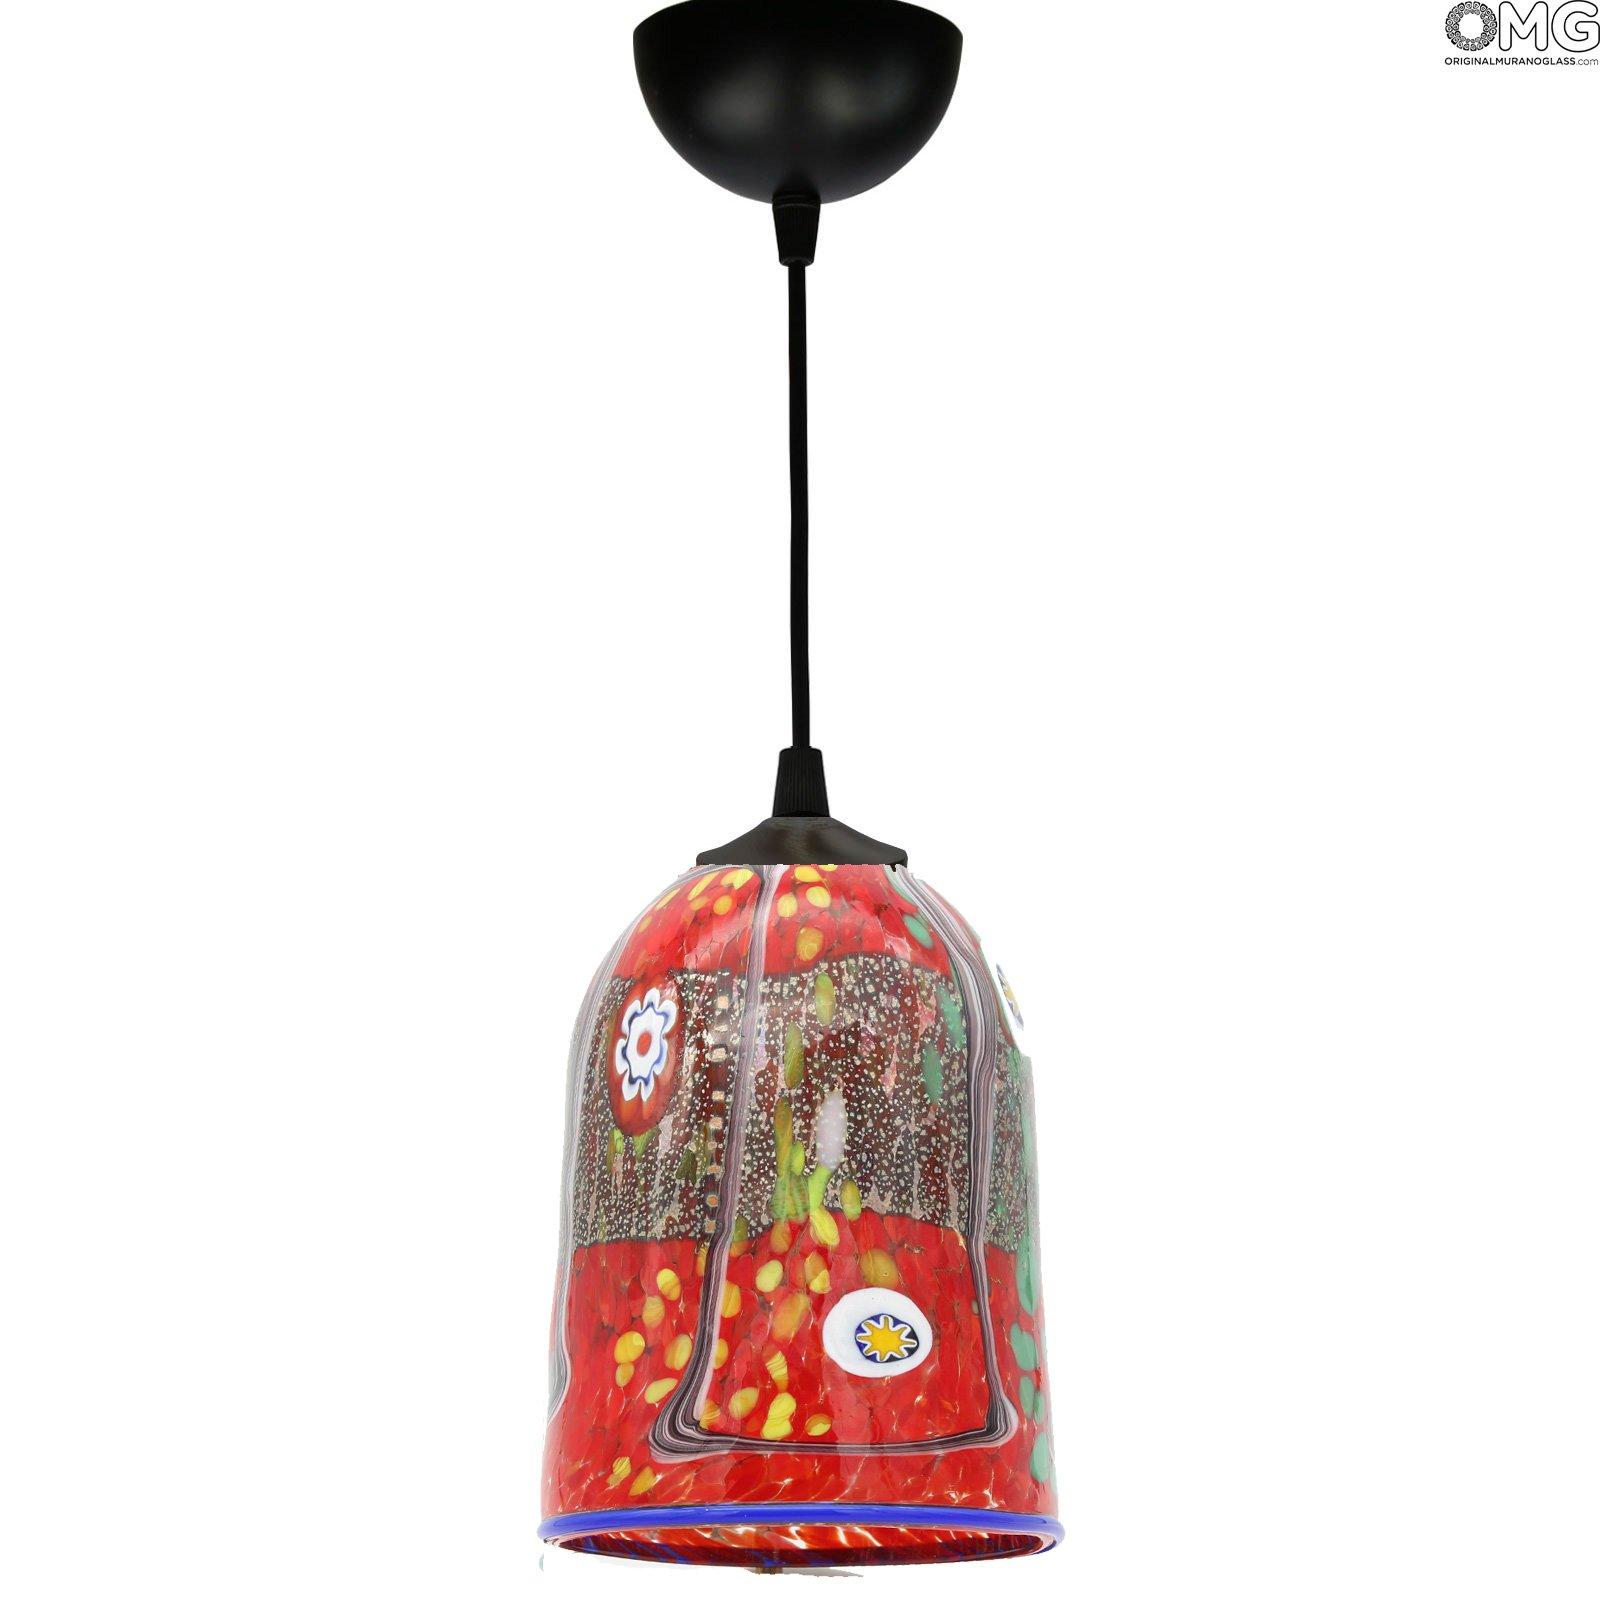 Spicy - Lampada a sospenione in vetro di Murano - diversi colori disponibili